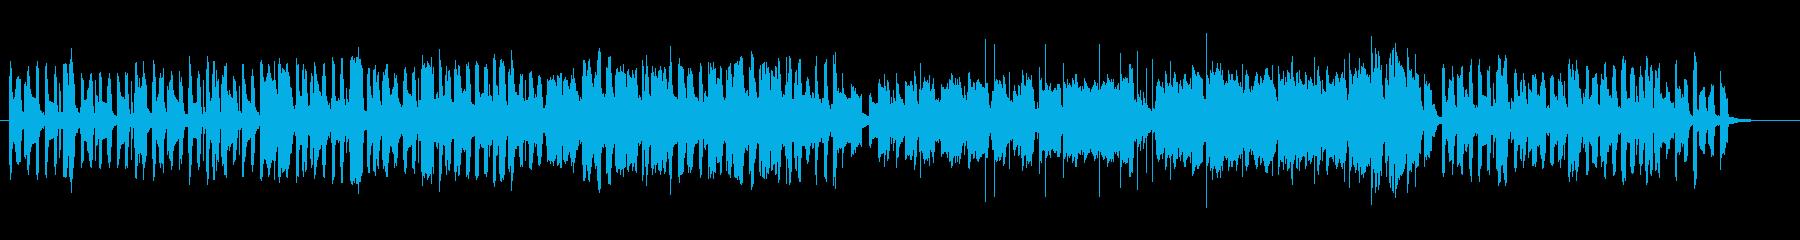 朗らかでほのぼのとしたBGMの再生済みの波形